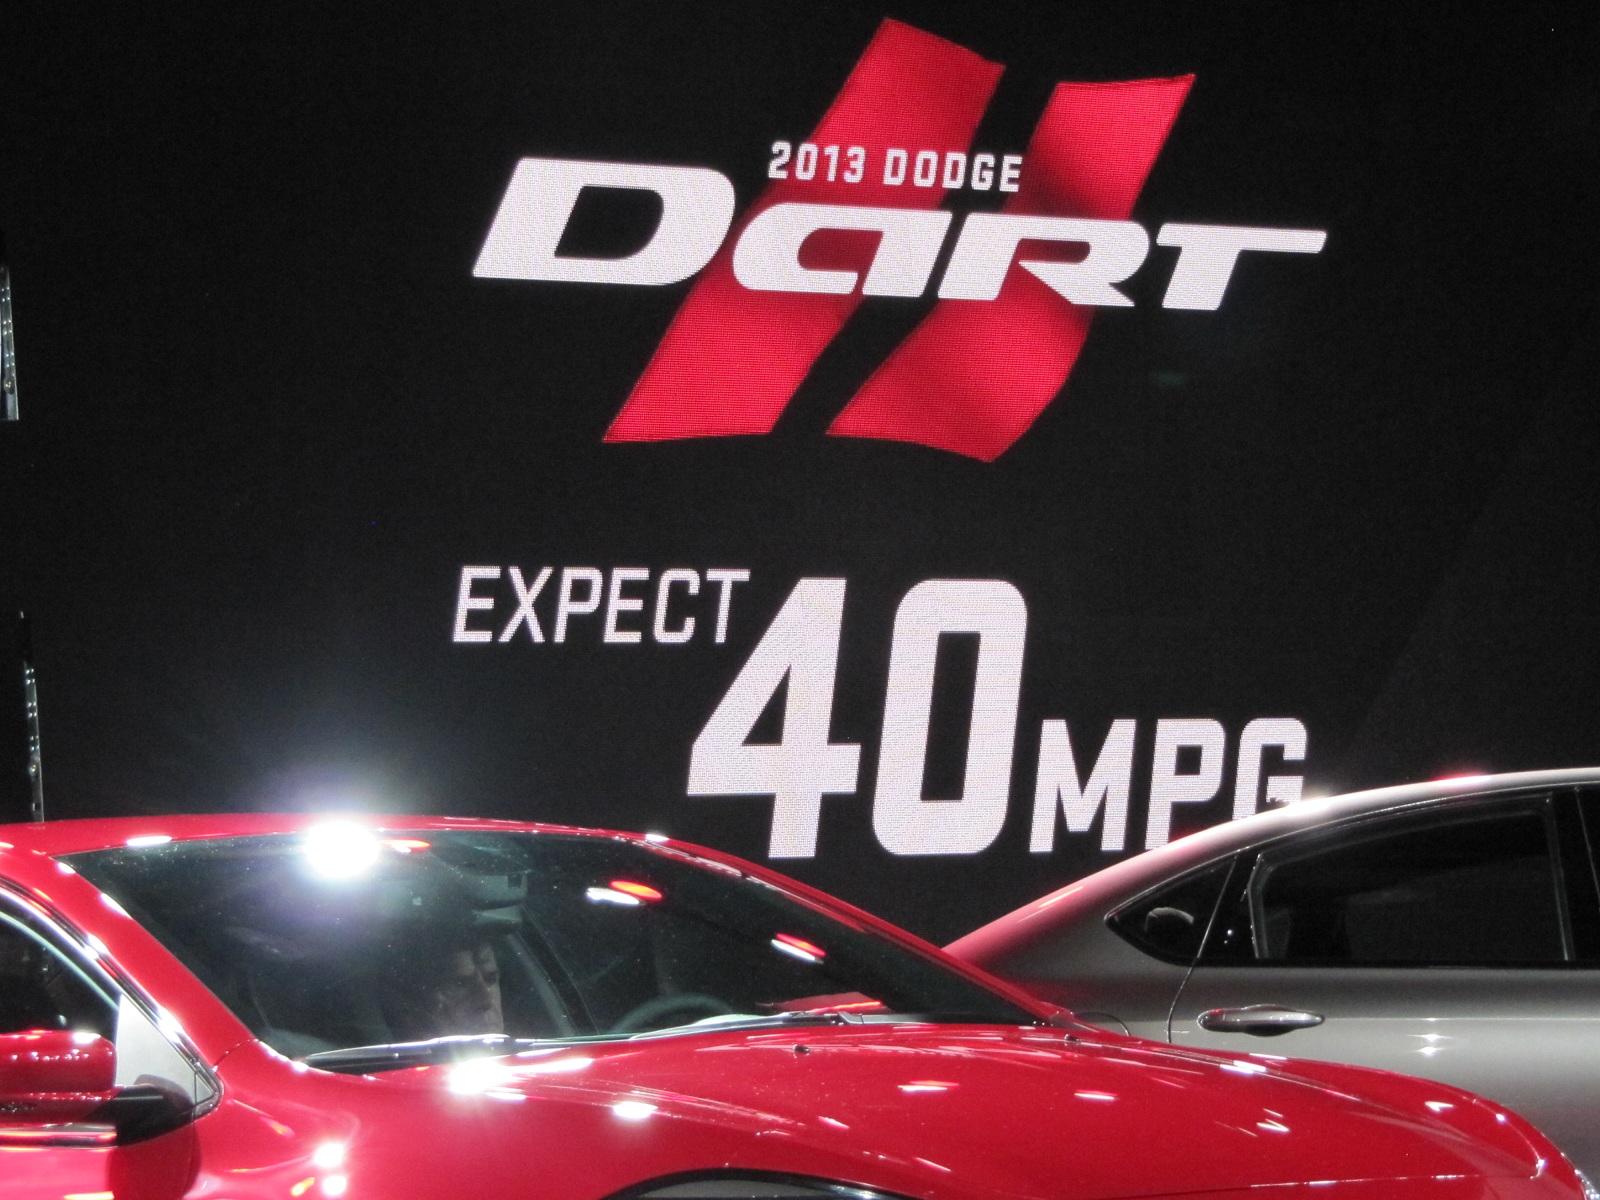 2013 Dodge Dart Live Photos: 2012 Detroit Auto Show